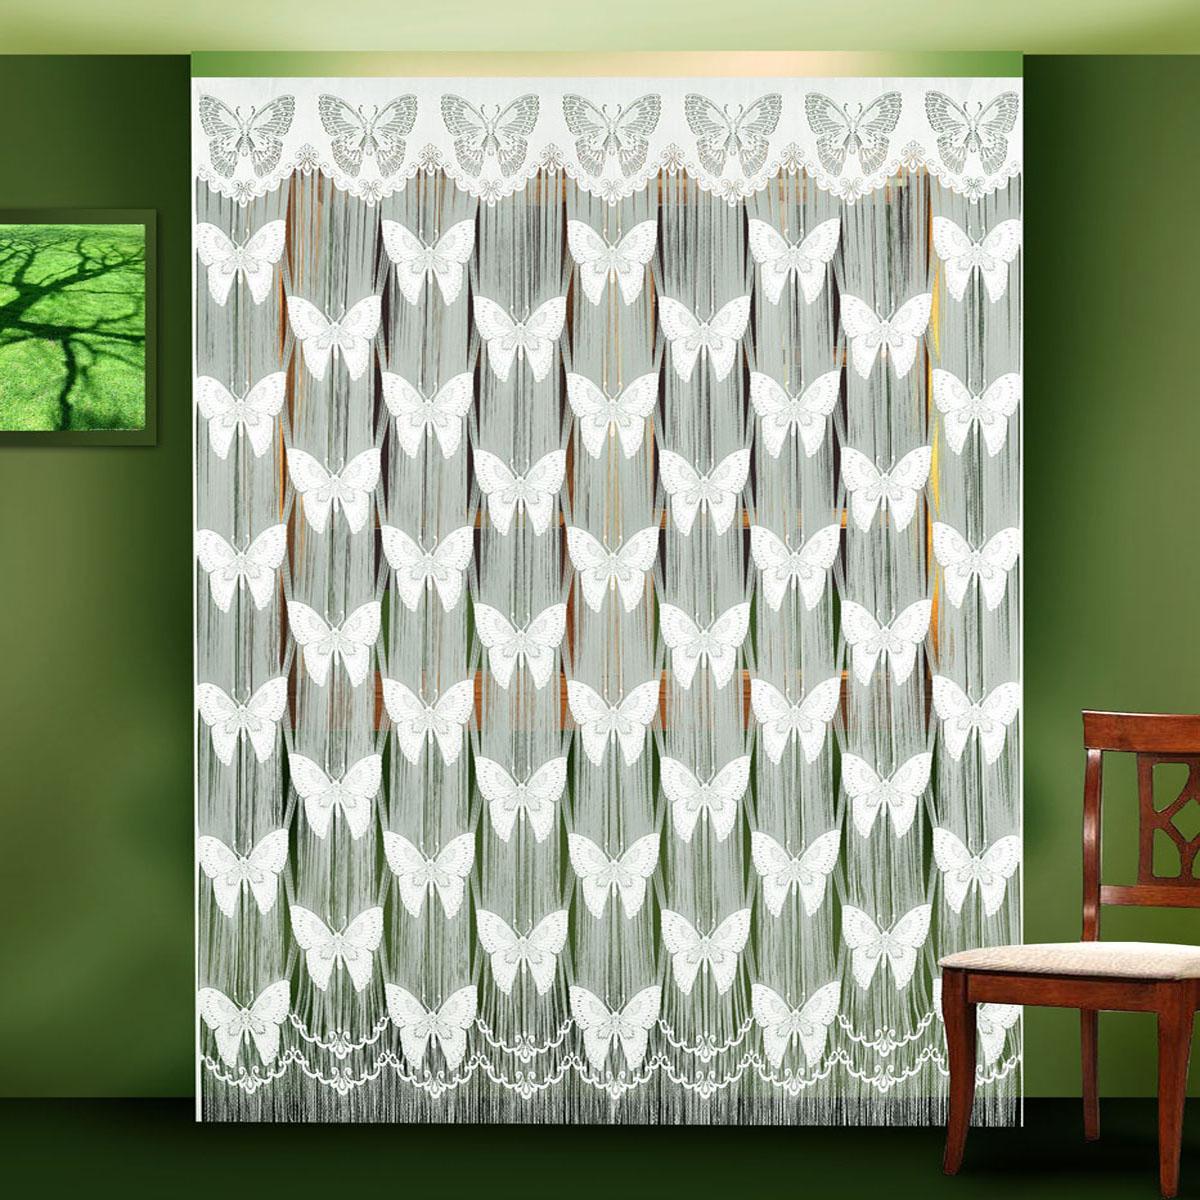 Гардина Zlata Korunka, цвет: белый, ширина 250 см, высота 250 см. 8880188801 белыйПрекрасное украшение для окон, дверных проемов. Гардина-лапша выполнена из синтетических волокон с выработкой по всему полотну порхающих бабочек, крепление на зажим для штор, который в комплект не входит, размер шир. 250*выс.250 Размеры: 250*250